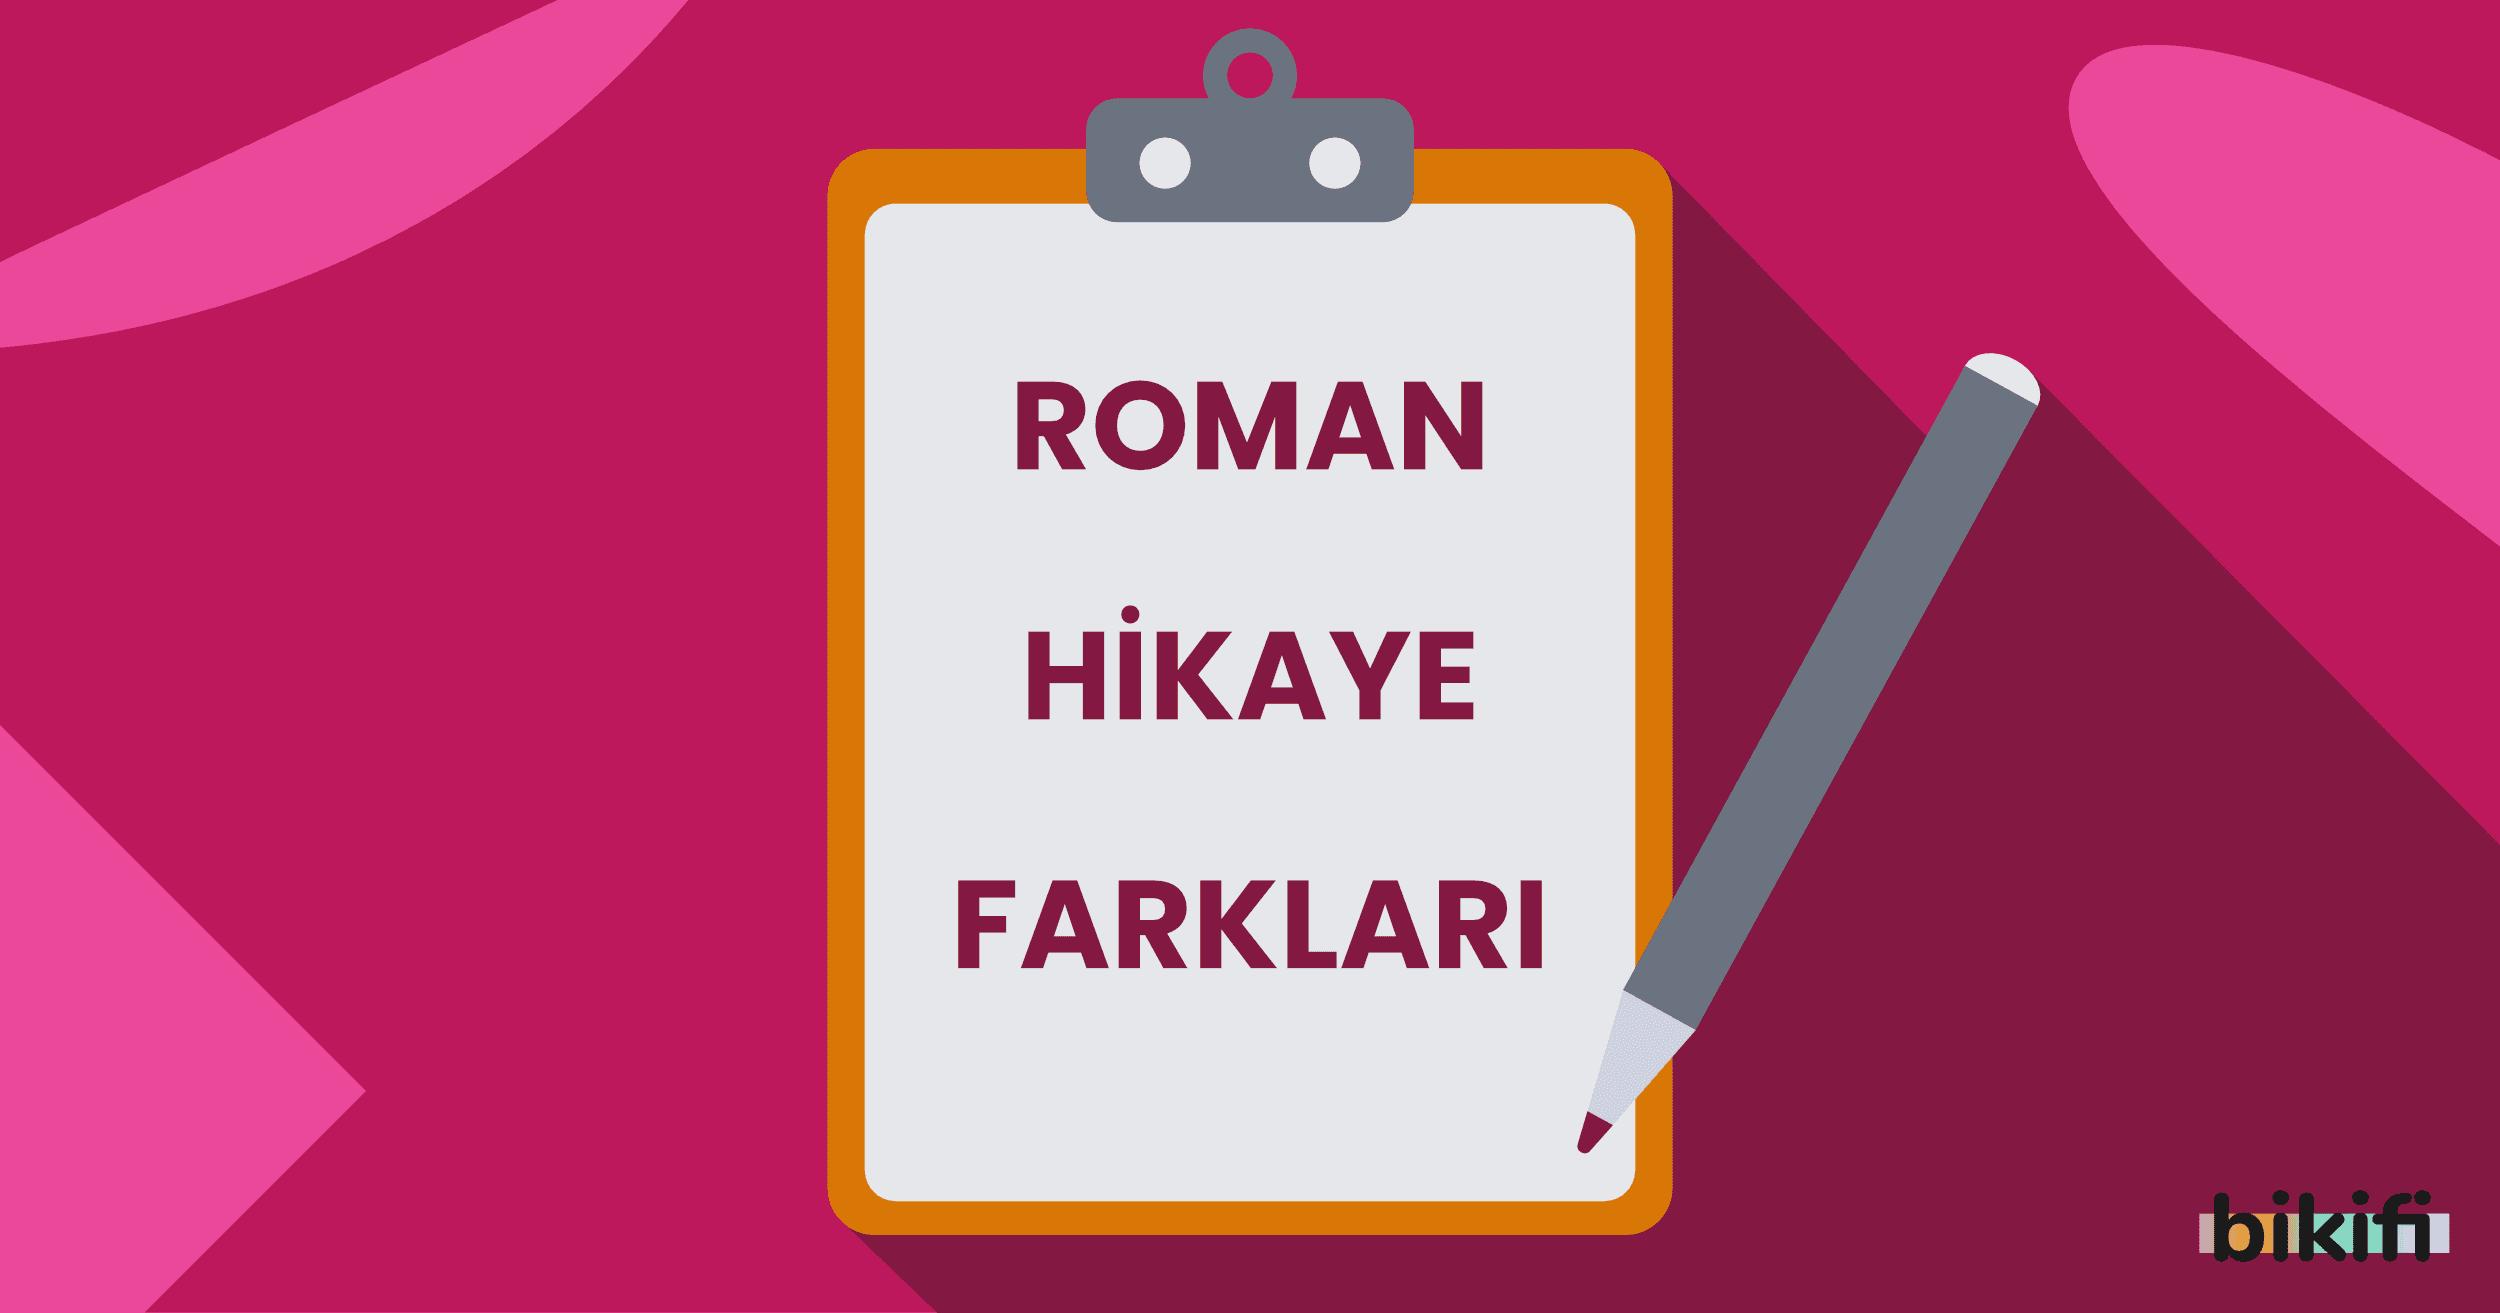 Roman-Hikaye Farkları